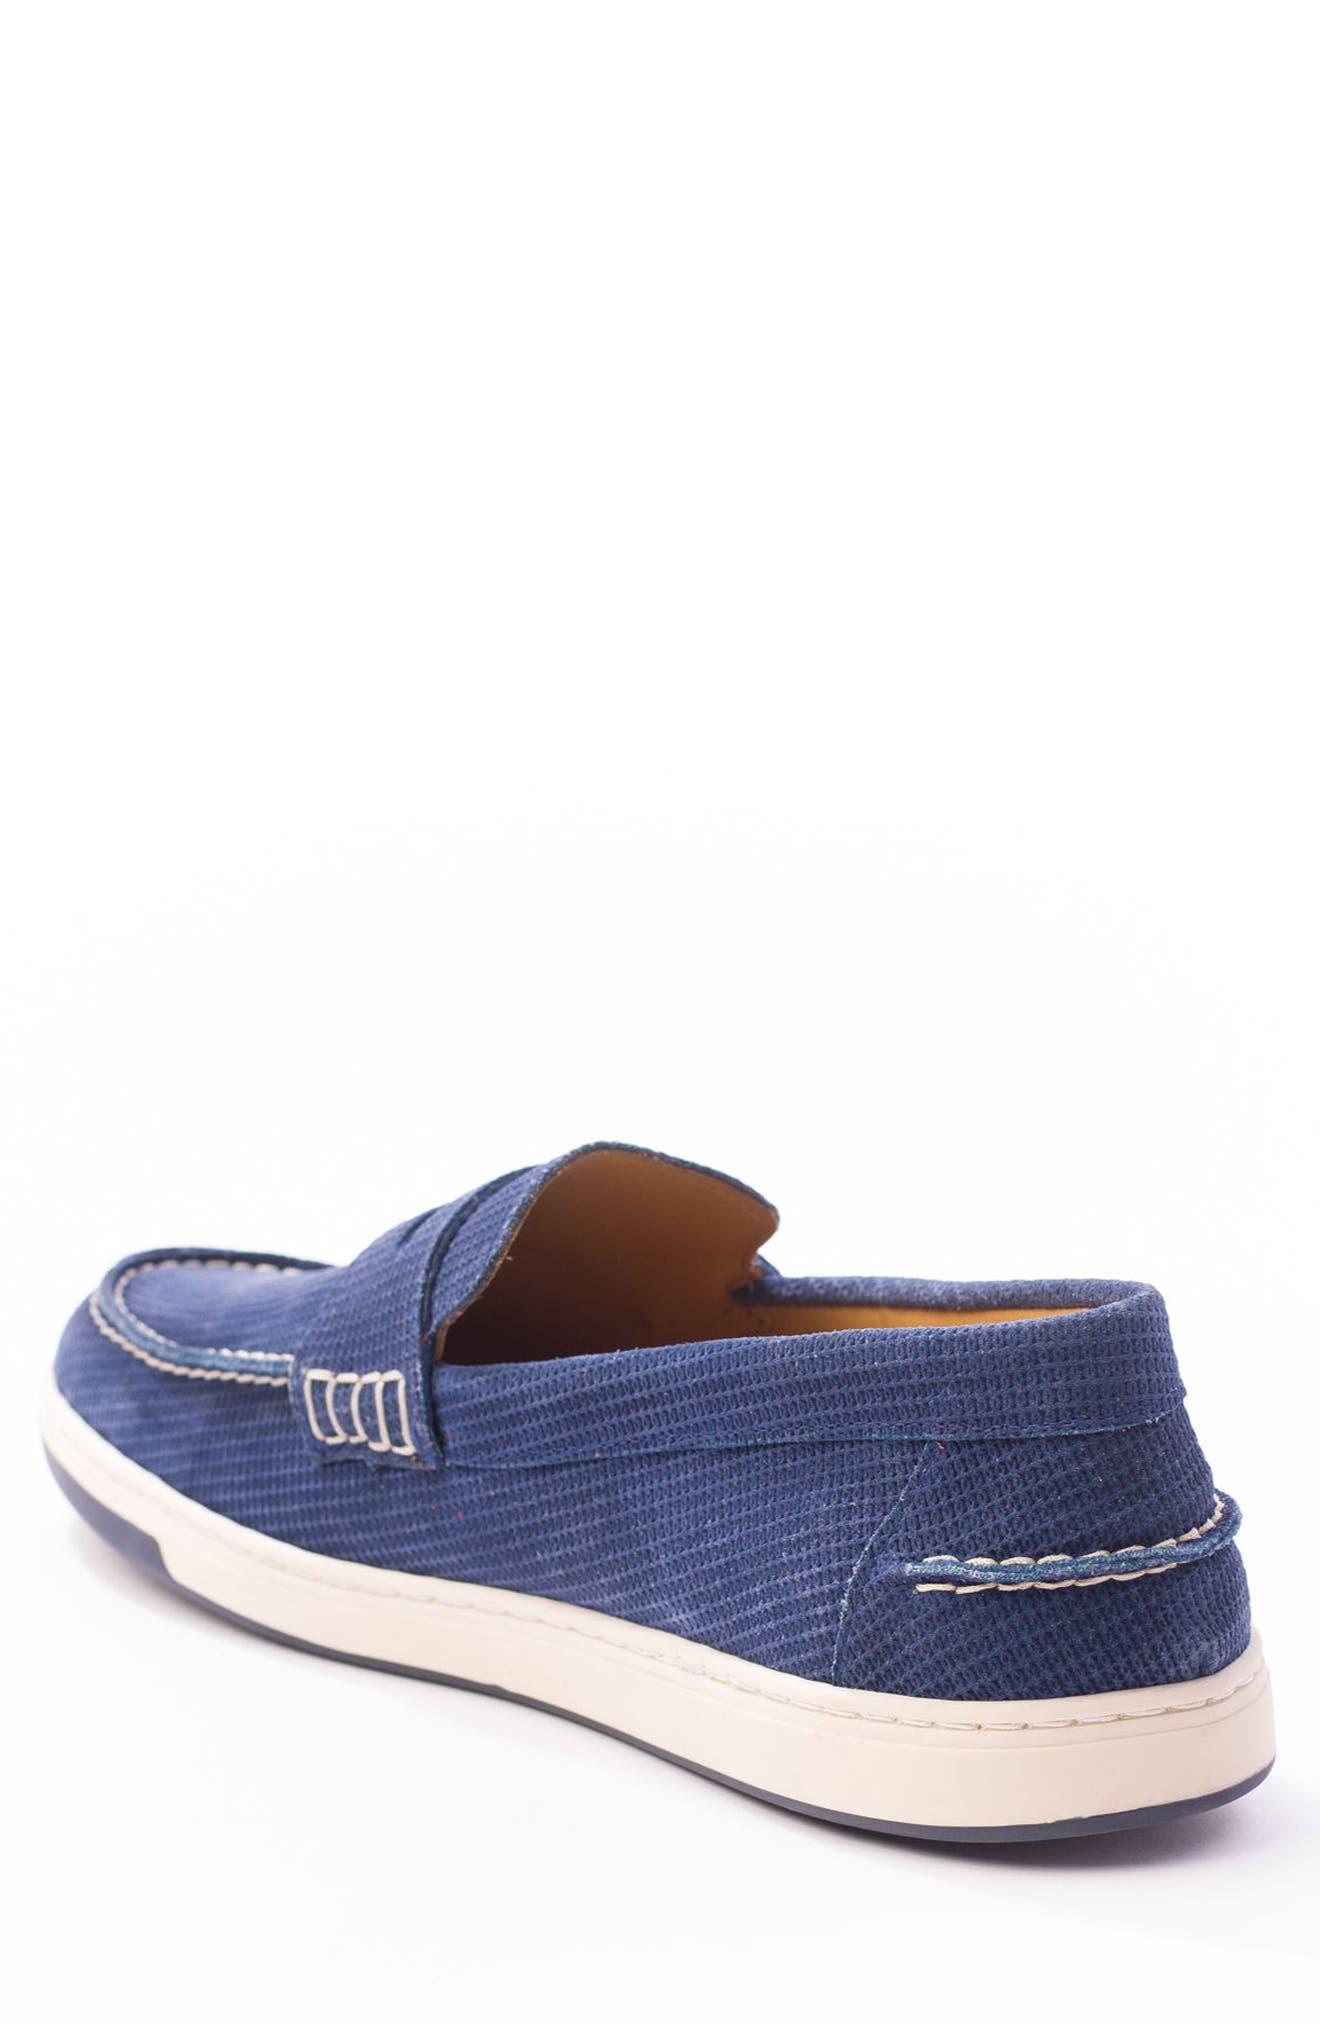 Bradford Embossed Penny Loafer Sneaker,                             Alternate thumbnail 2, color,                             DARK INDIGO